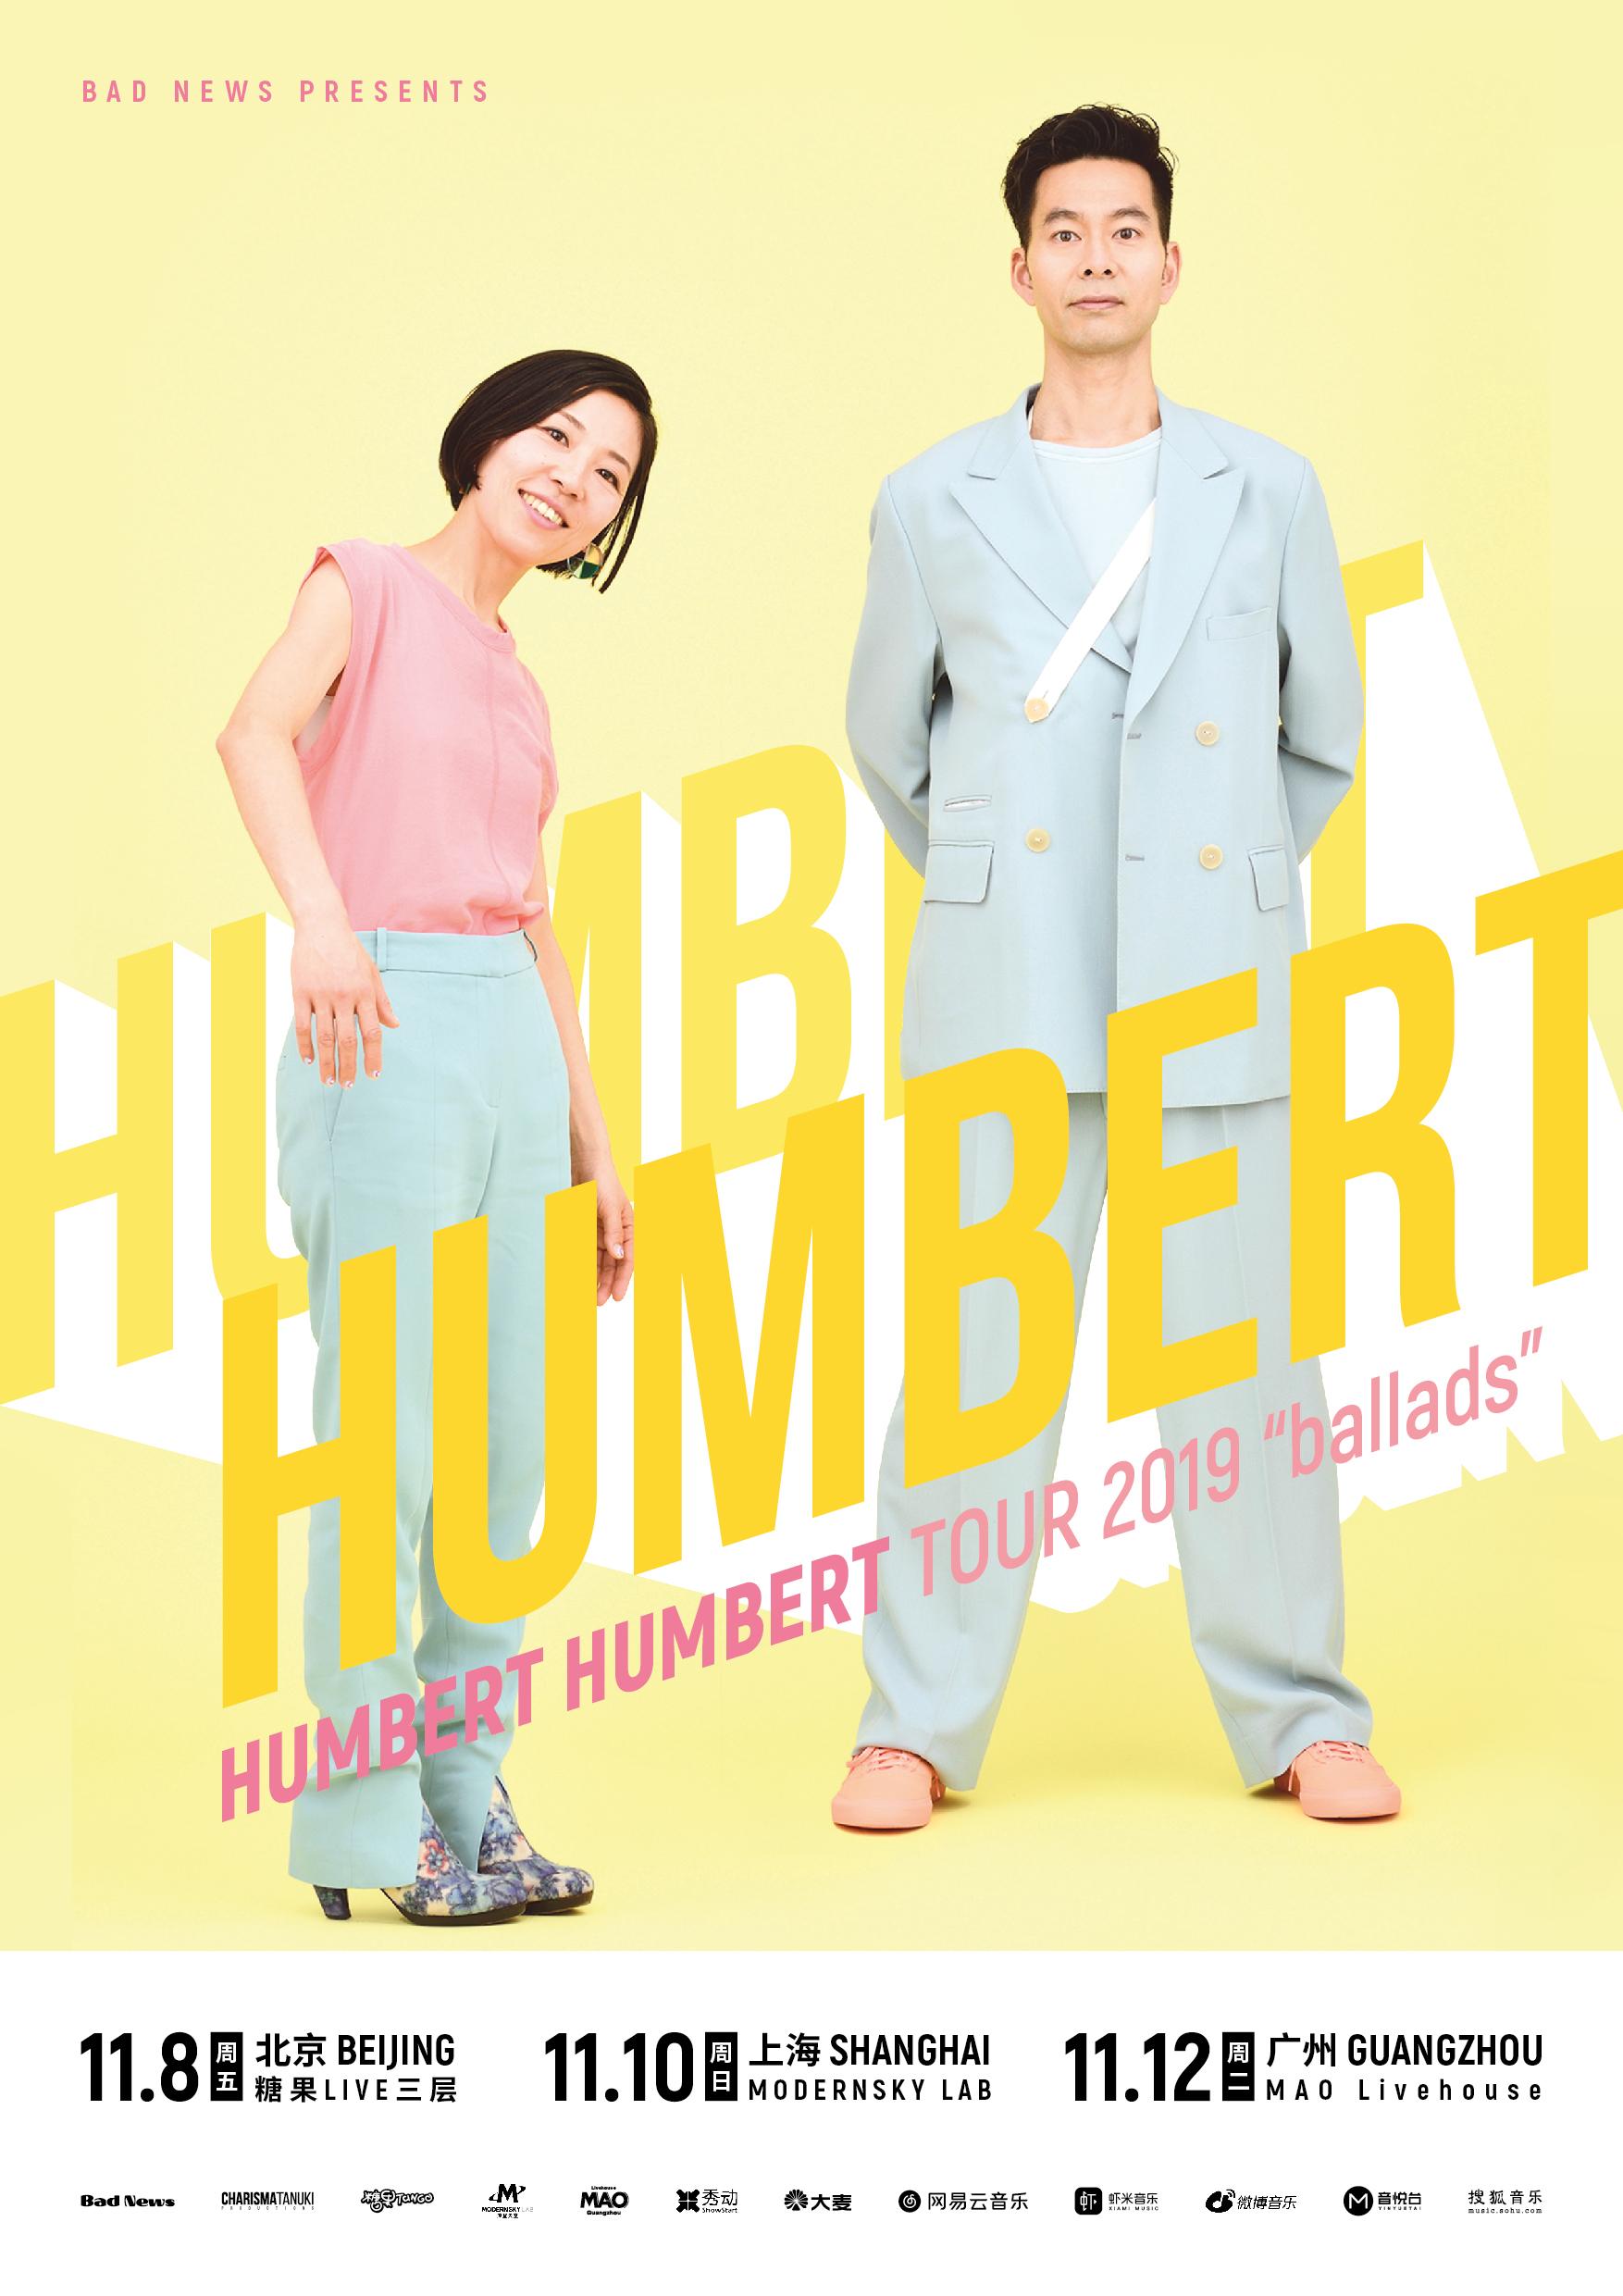 一年不见的HUMBERT HUMBERT回来啦!